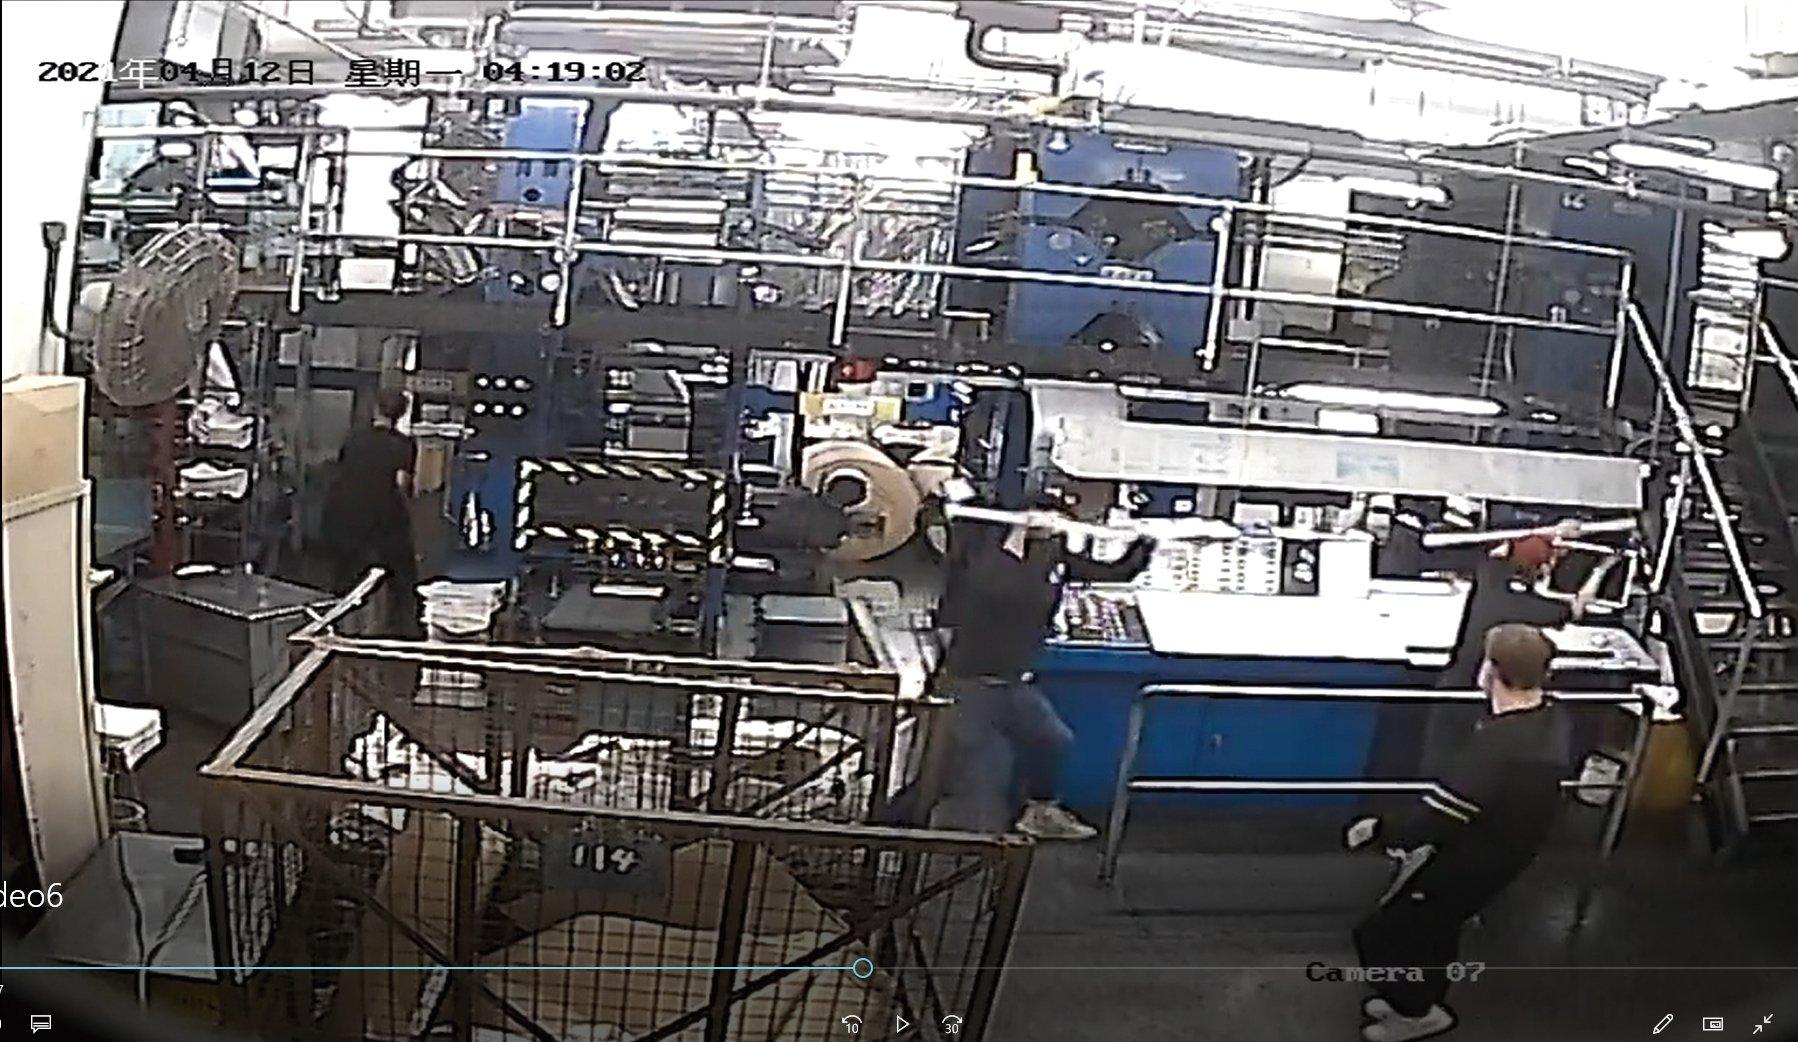 暴徒進入印刷廠之後,以鎚子打爛印刷機器。(新時代印刷廠閉路電視截圖)